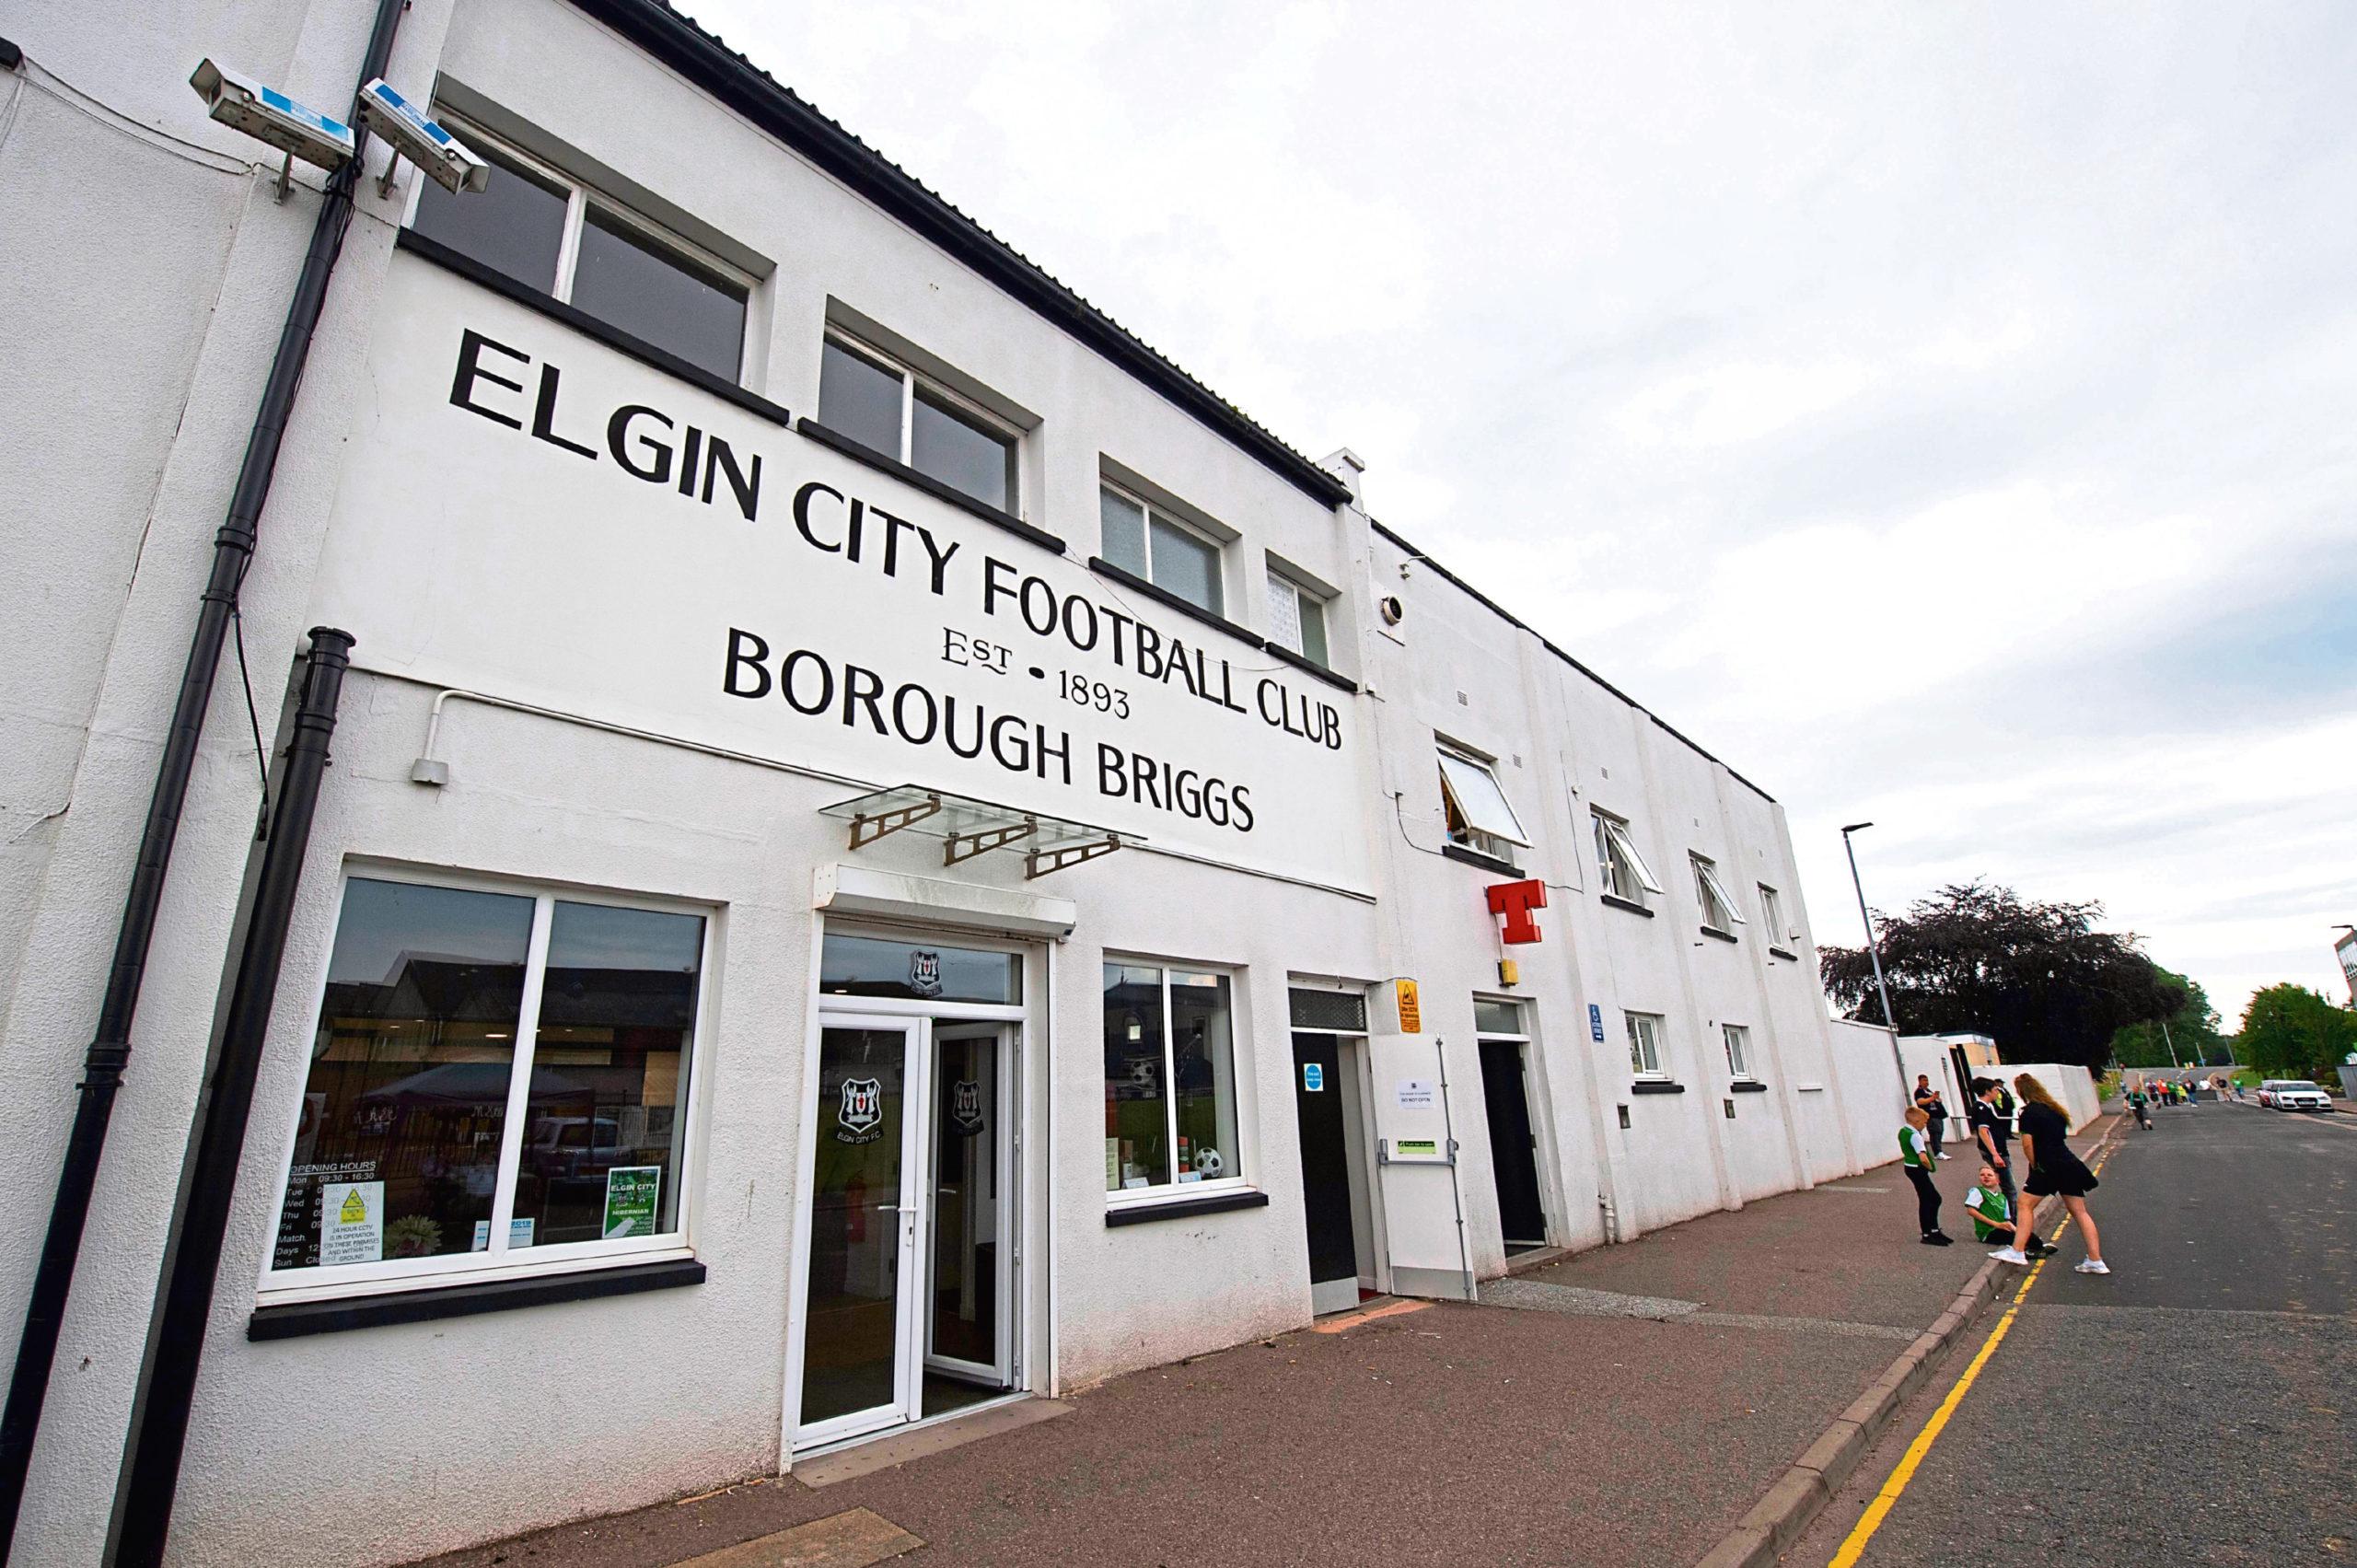 Borough Briggs.